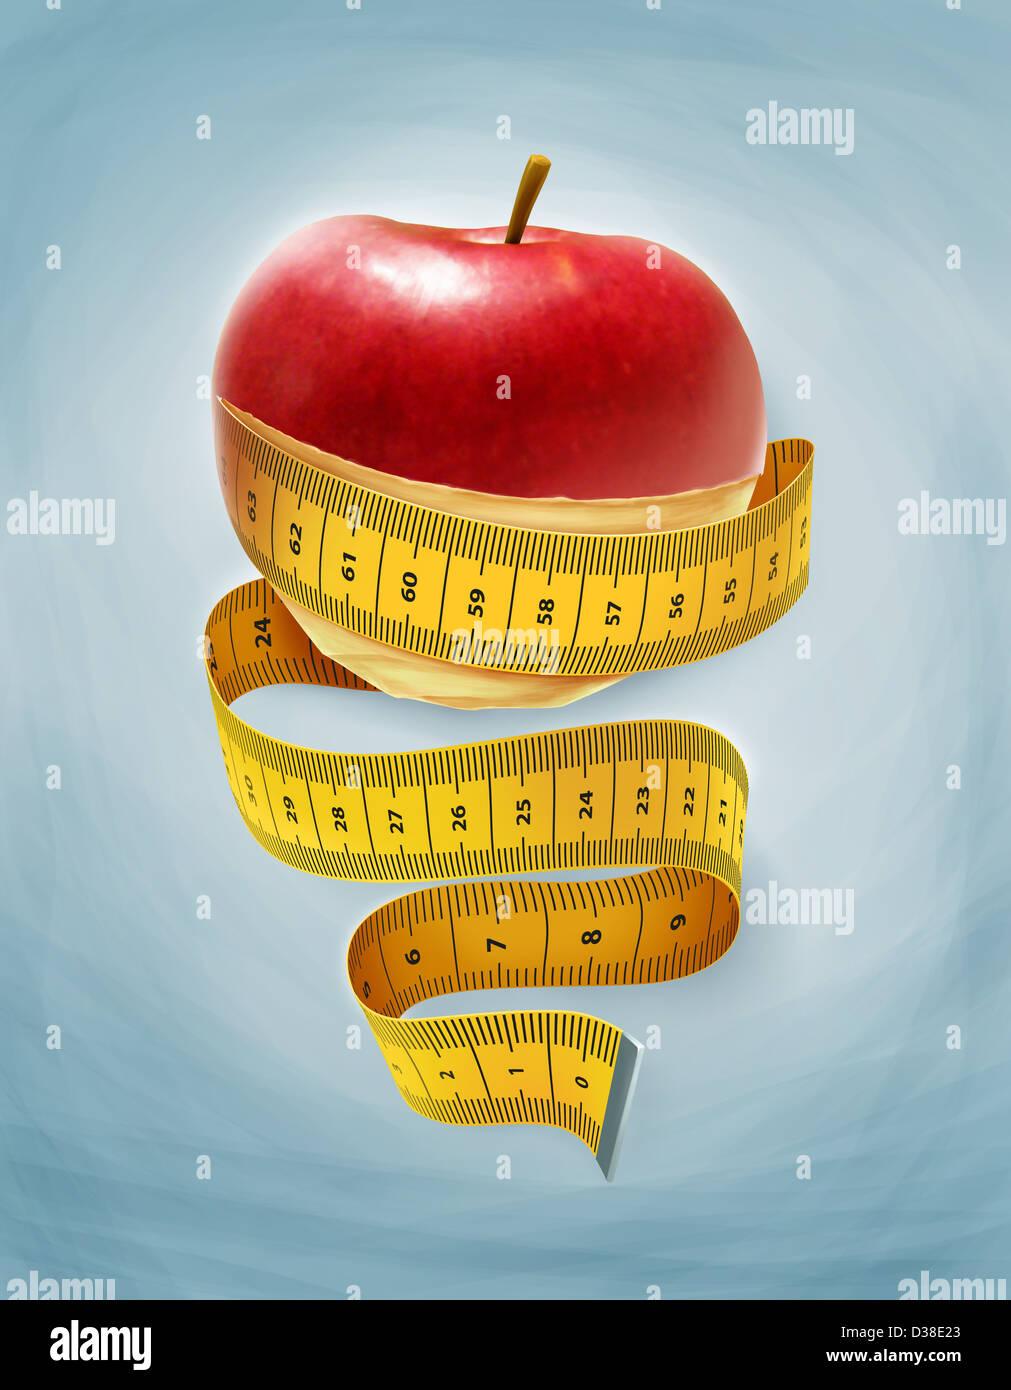 Immagine illustrativa di un Apple avvolto con nastro di misurazione in rappresentanza di diete Foto Stock